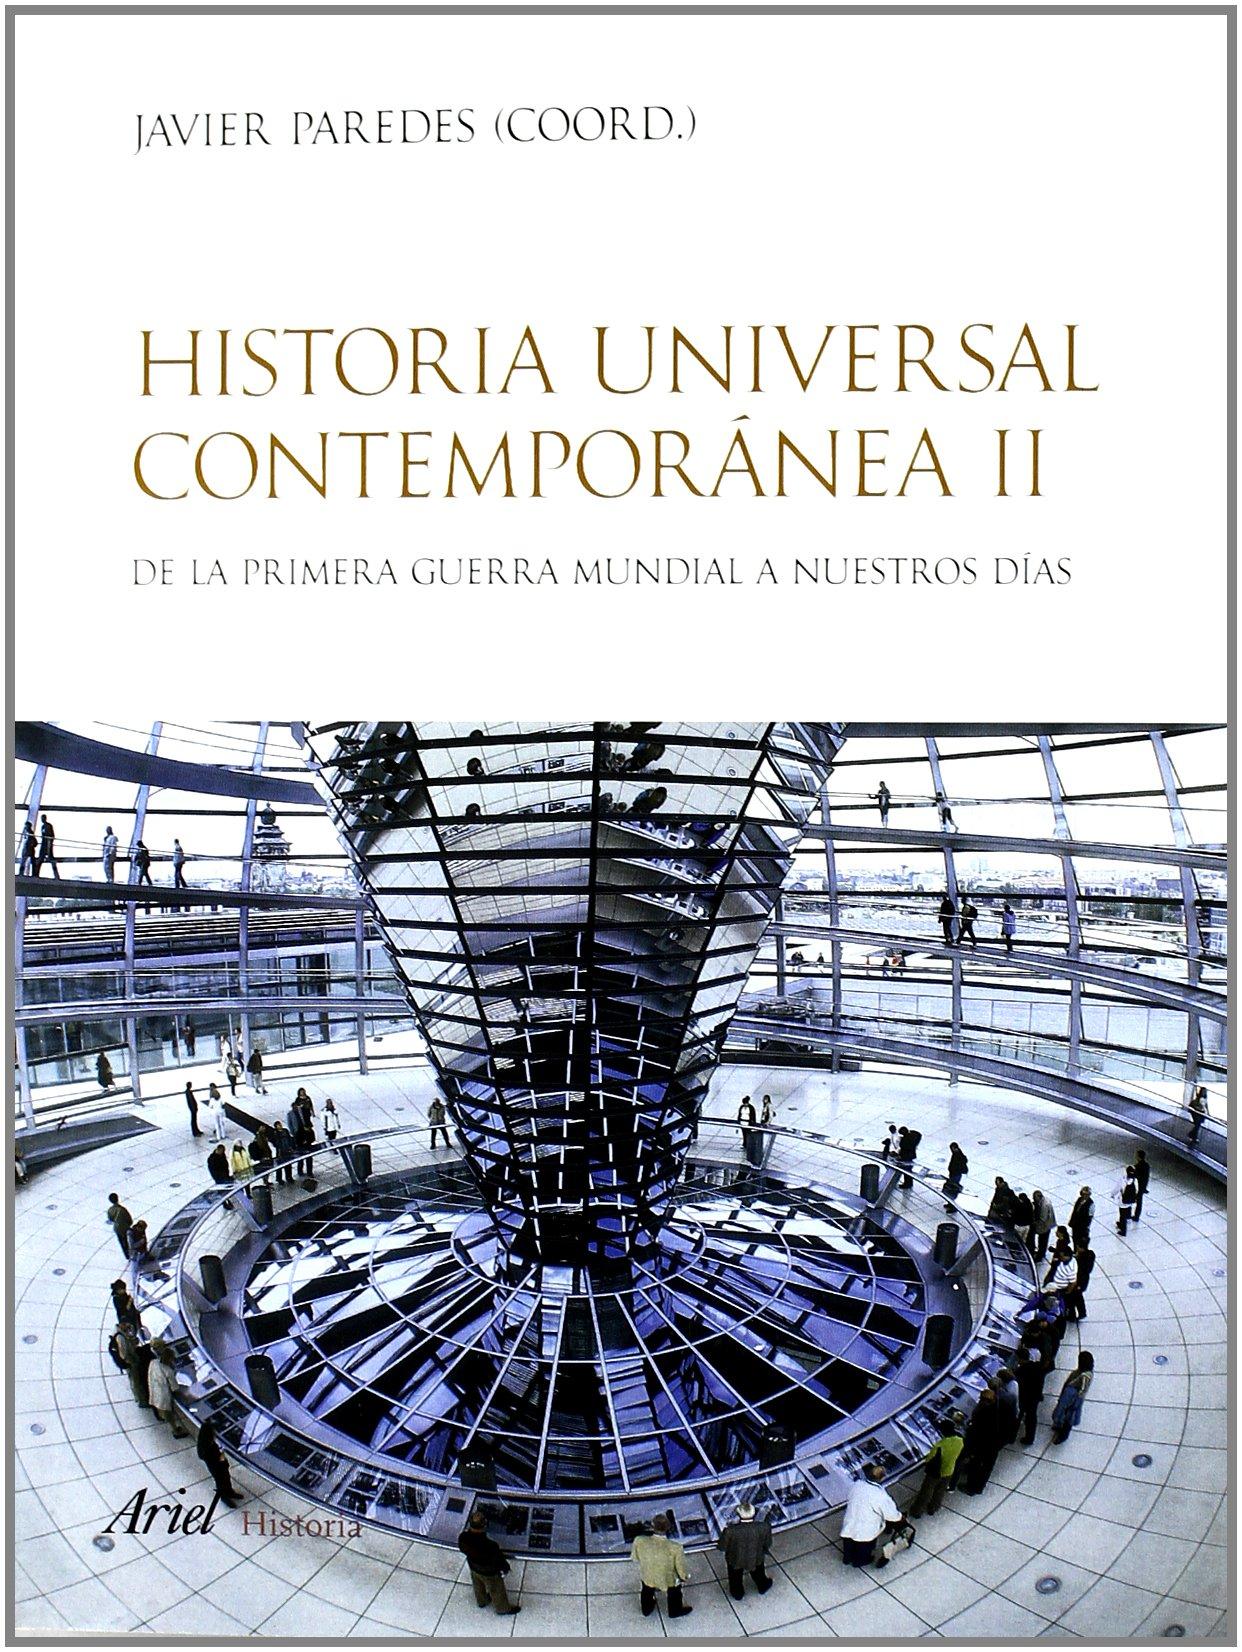 Historia universal contemporánea, vol. 2: De la primera guerra mundial a nuestros días Ariel Historia: Amazon.es: Paredes, Javier: Libros